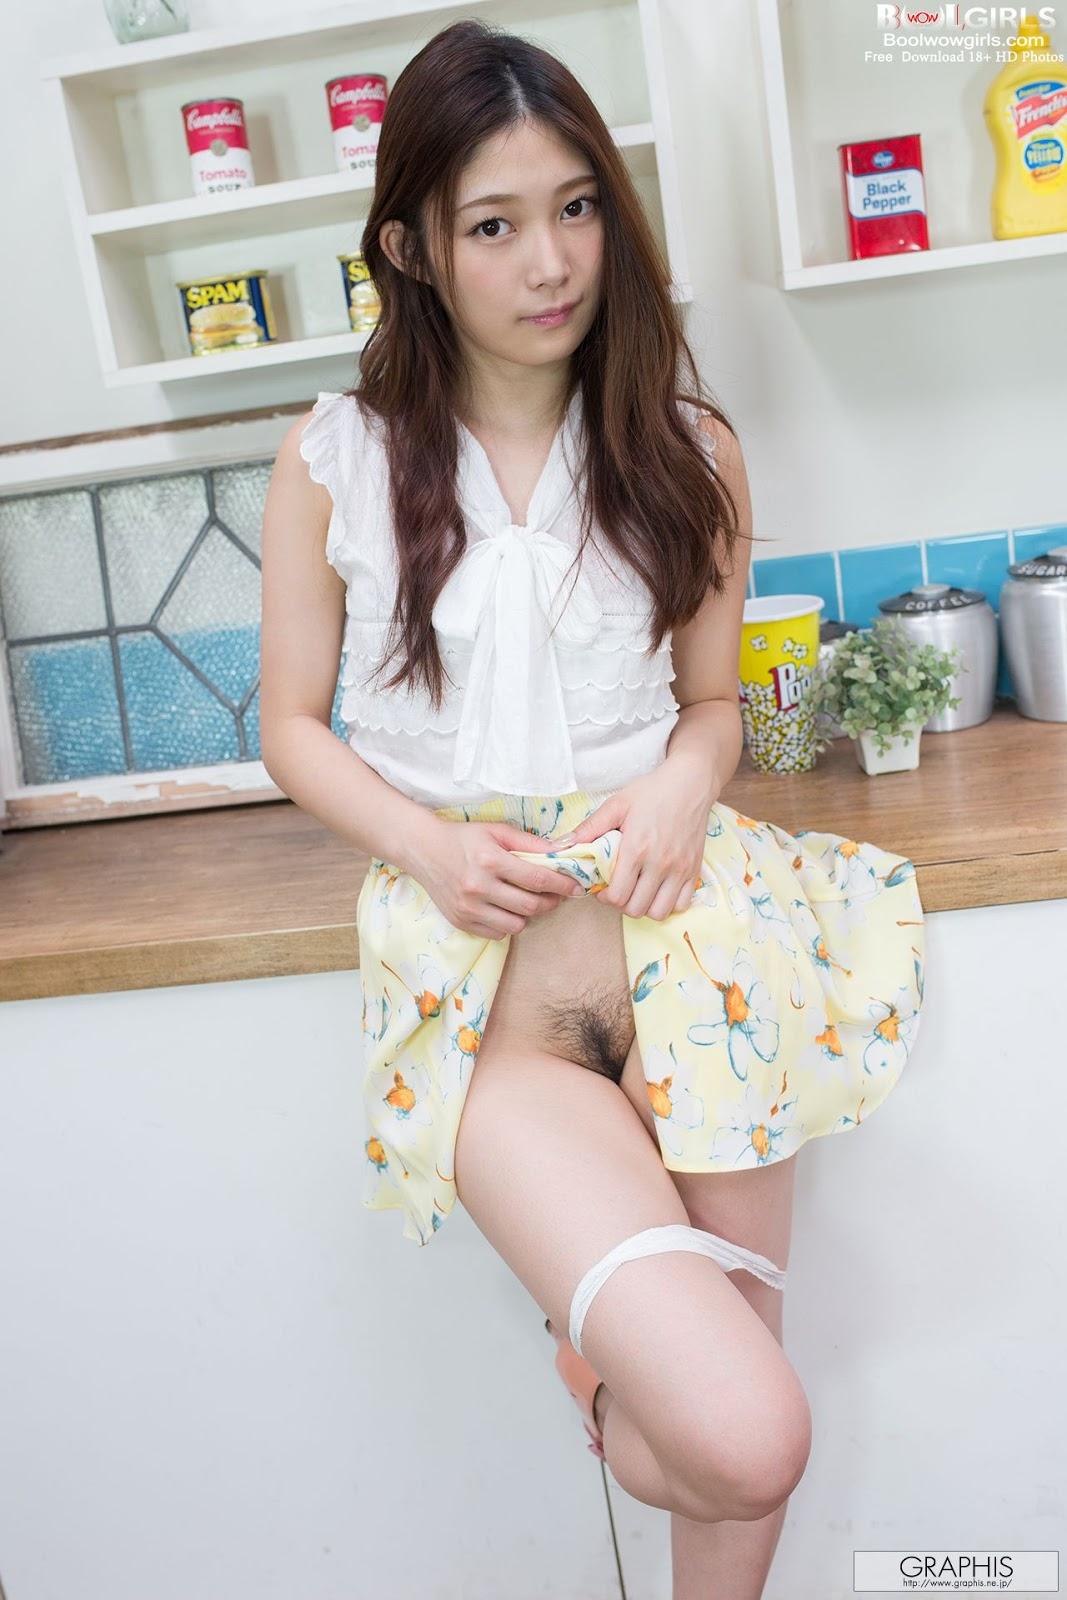 昆熙Quincey the Plaid Uniform Schoolgirl Cosplay on 模范学院MFStar VOL.091 | Gravure Girls Idols